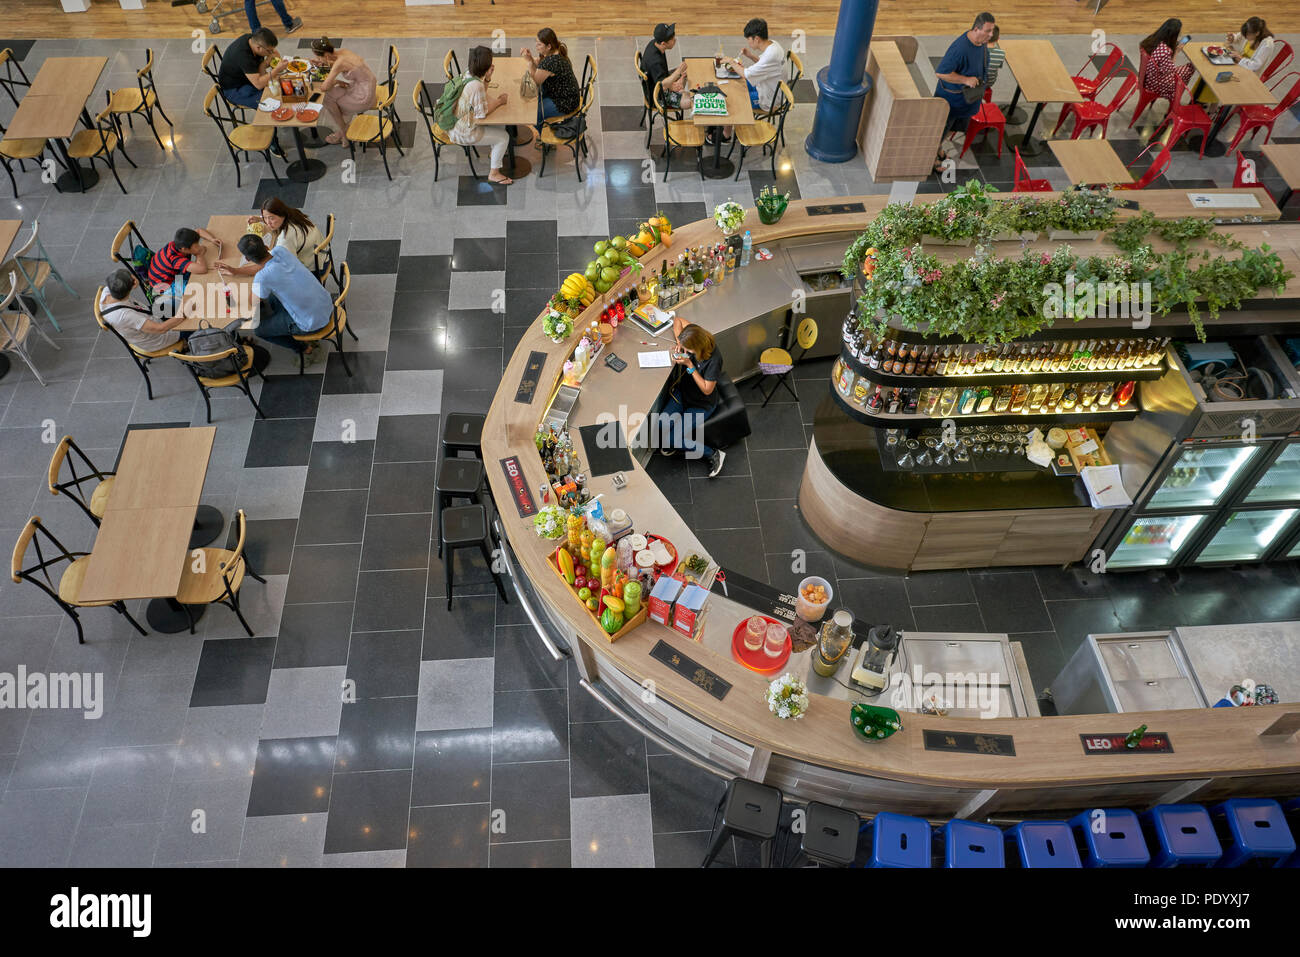 Vista aerea del Ristorante sala da pranzo in Thailandia shopping mall. Diners dall'alto. Sud-est asiatico. Immagini Stock